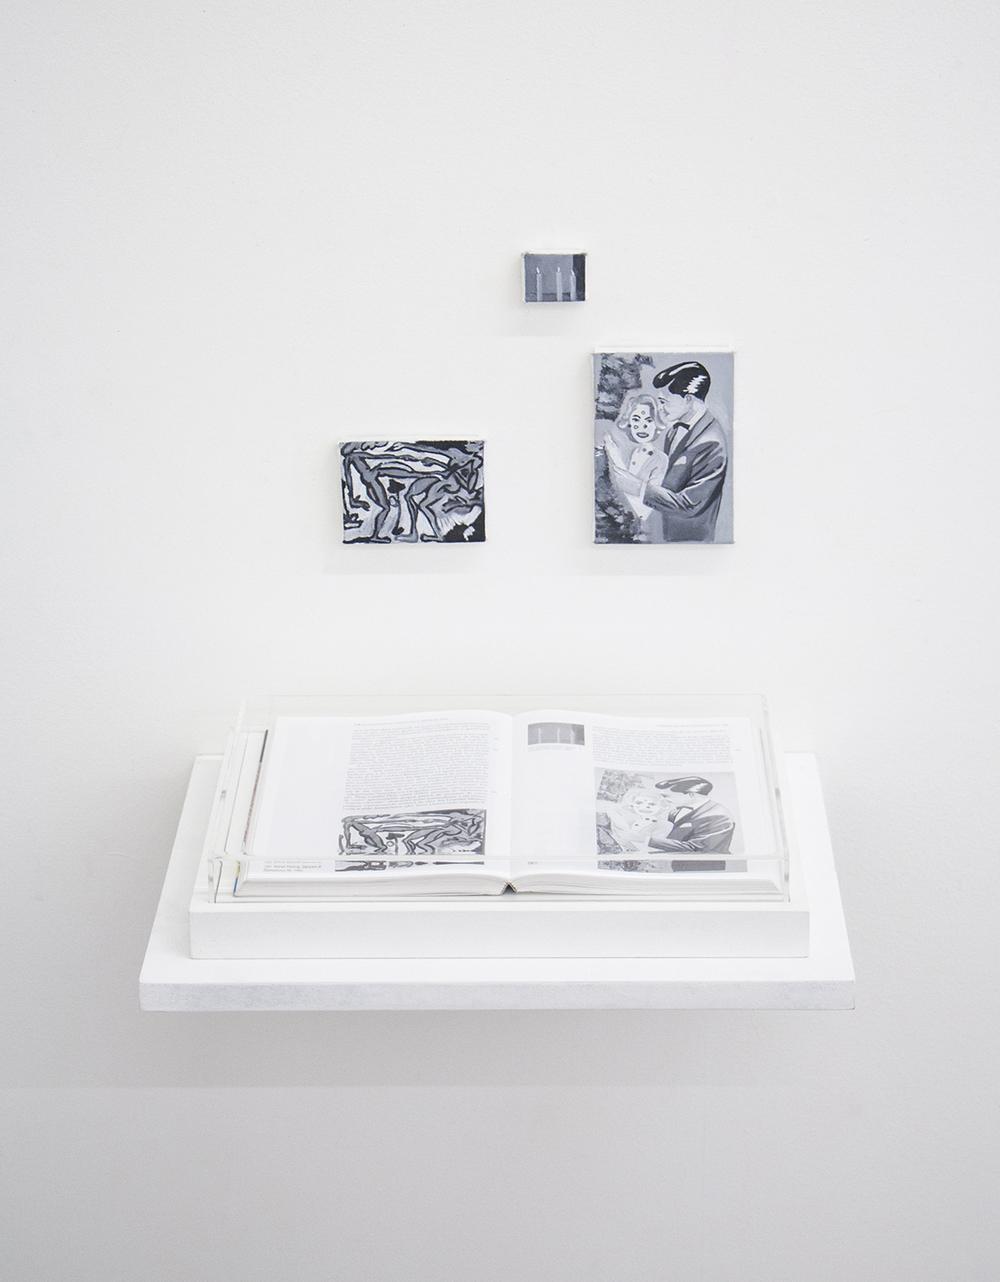 Páginas 176 e 177 (série Foi Assim Que Me Ensinaram) •2014• Livro emoldurado, óleo sobre tela •21,5 x 31 cm (livro), 8,5 x 6,2 cm, 3,5 x 2.9 cm, 8,5 x 12 cm